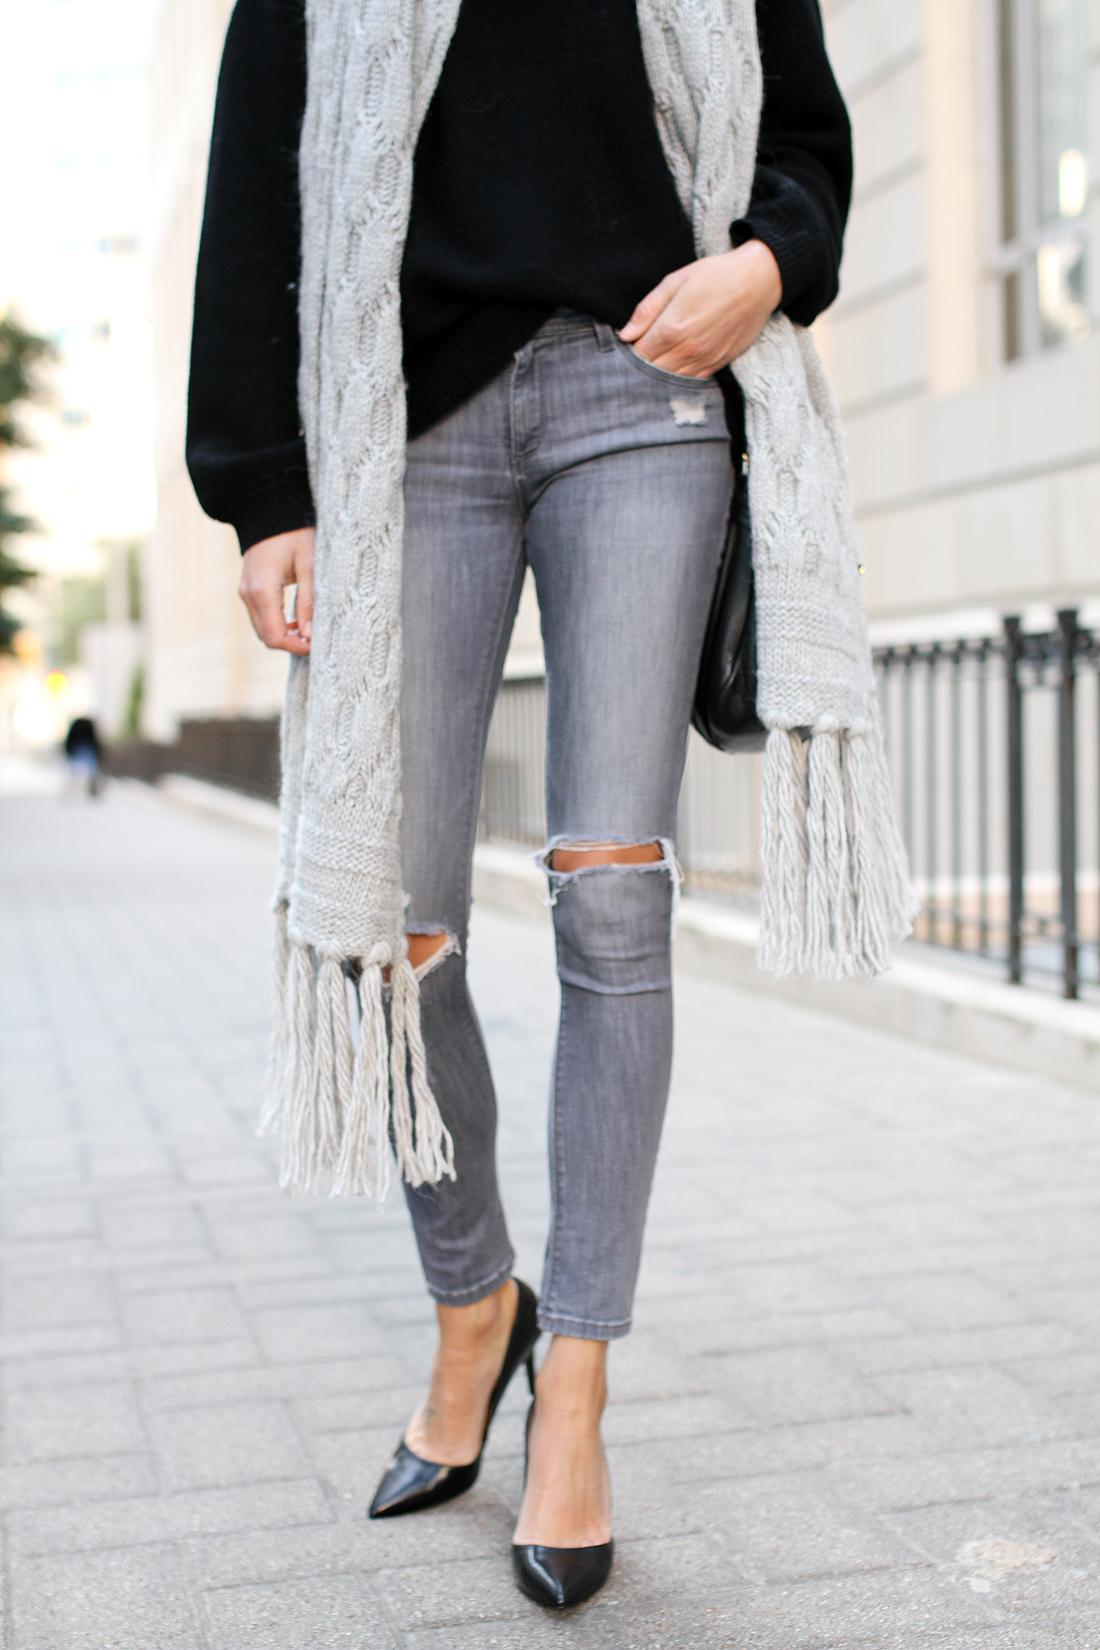 fashion-jackson-DL1961-emma-jeans-banana-republic-black-pumps-banana-republic-grey-fringe-scarf-black-oversized-sweater